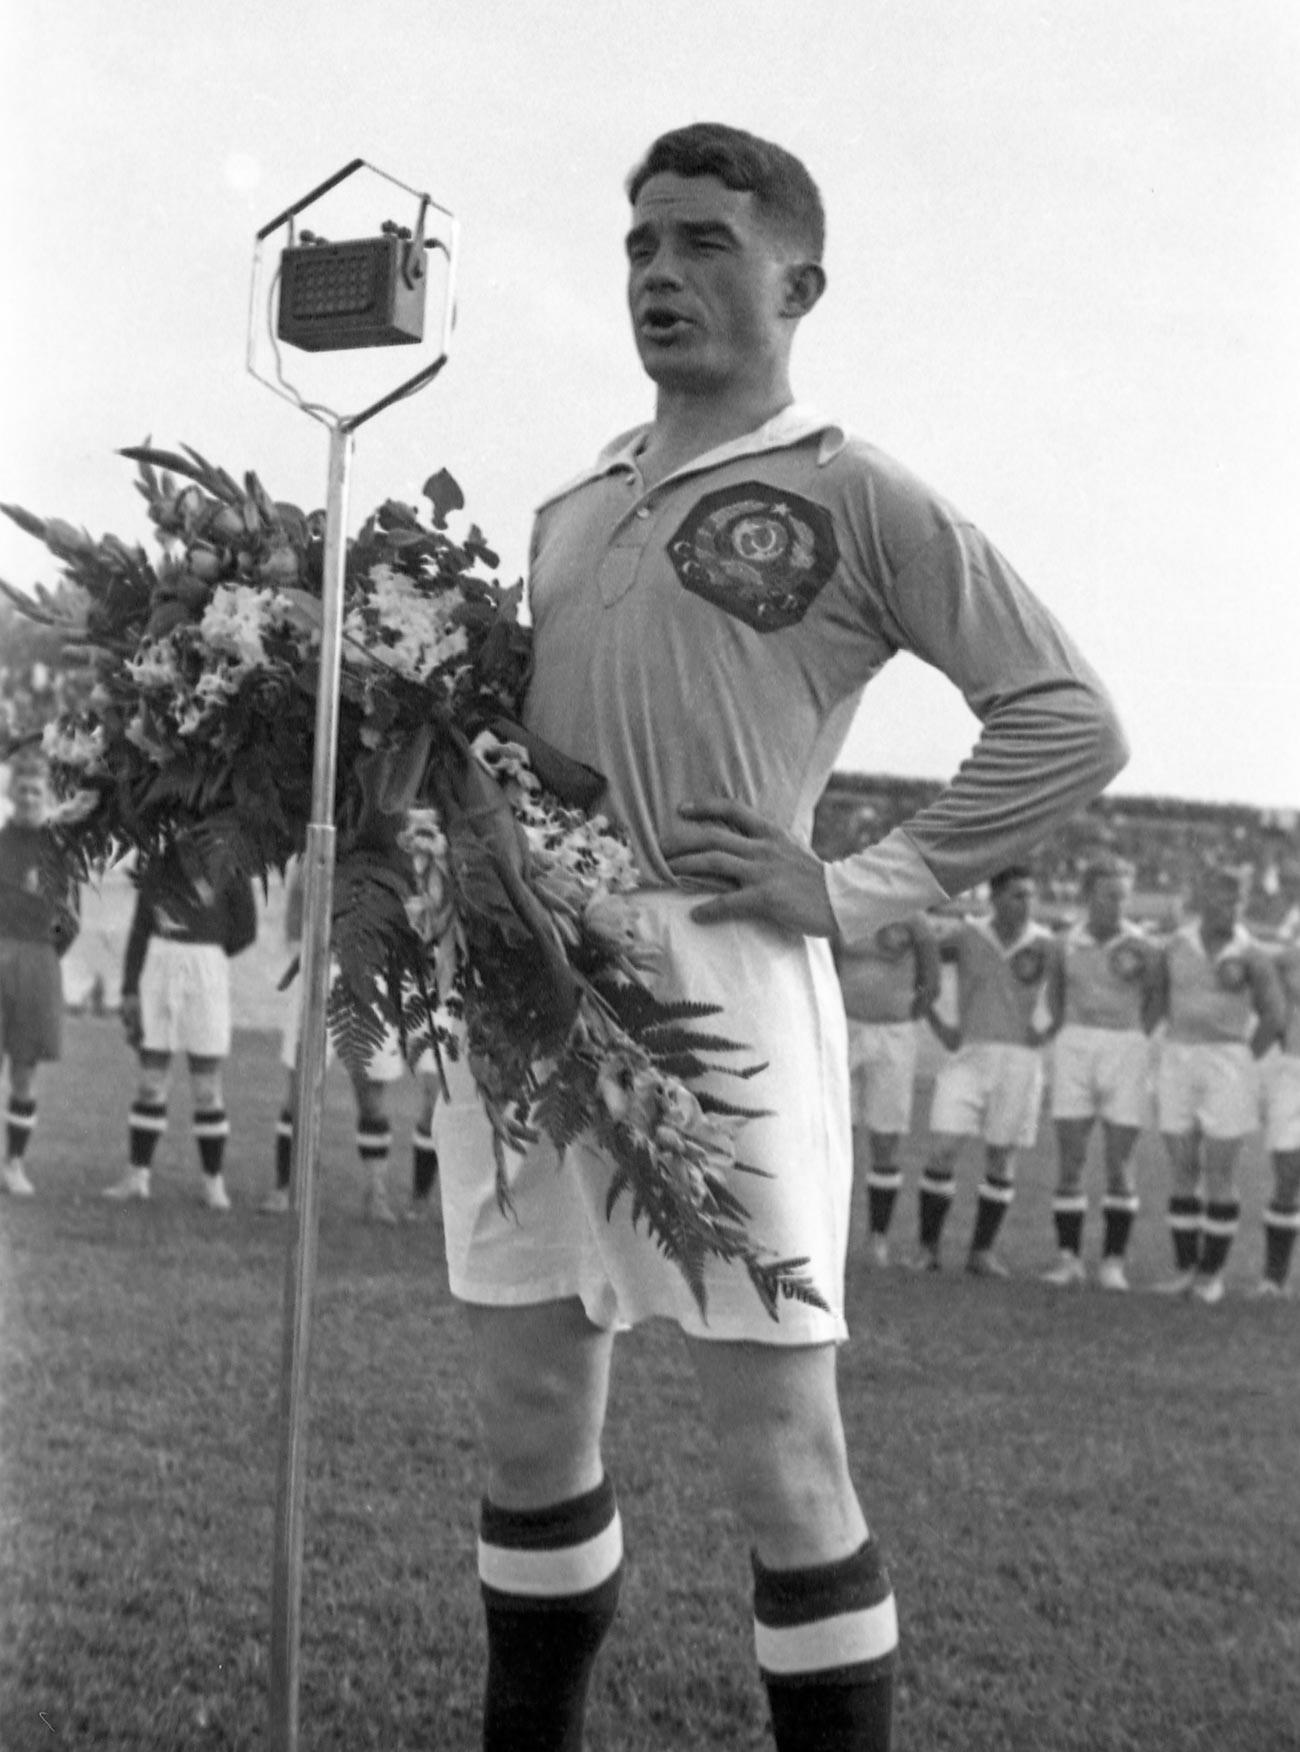 Membre de l'Équipe d'Union soviétique de football, fondateur de l'équipe de football Spartak, Nikolaï Starostine